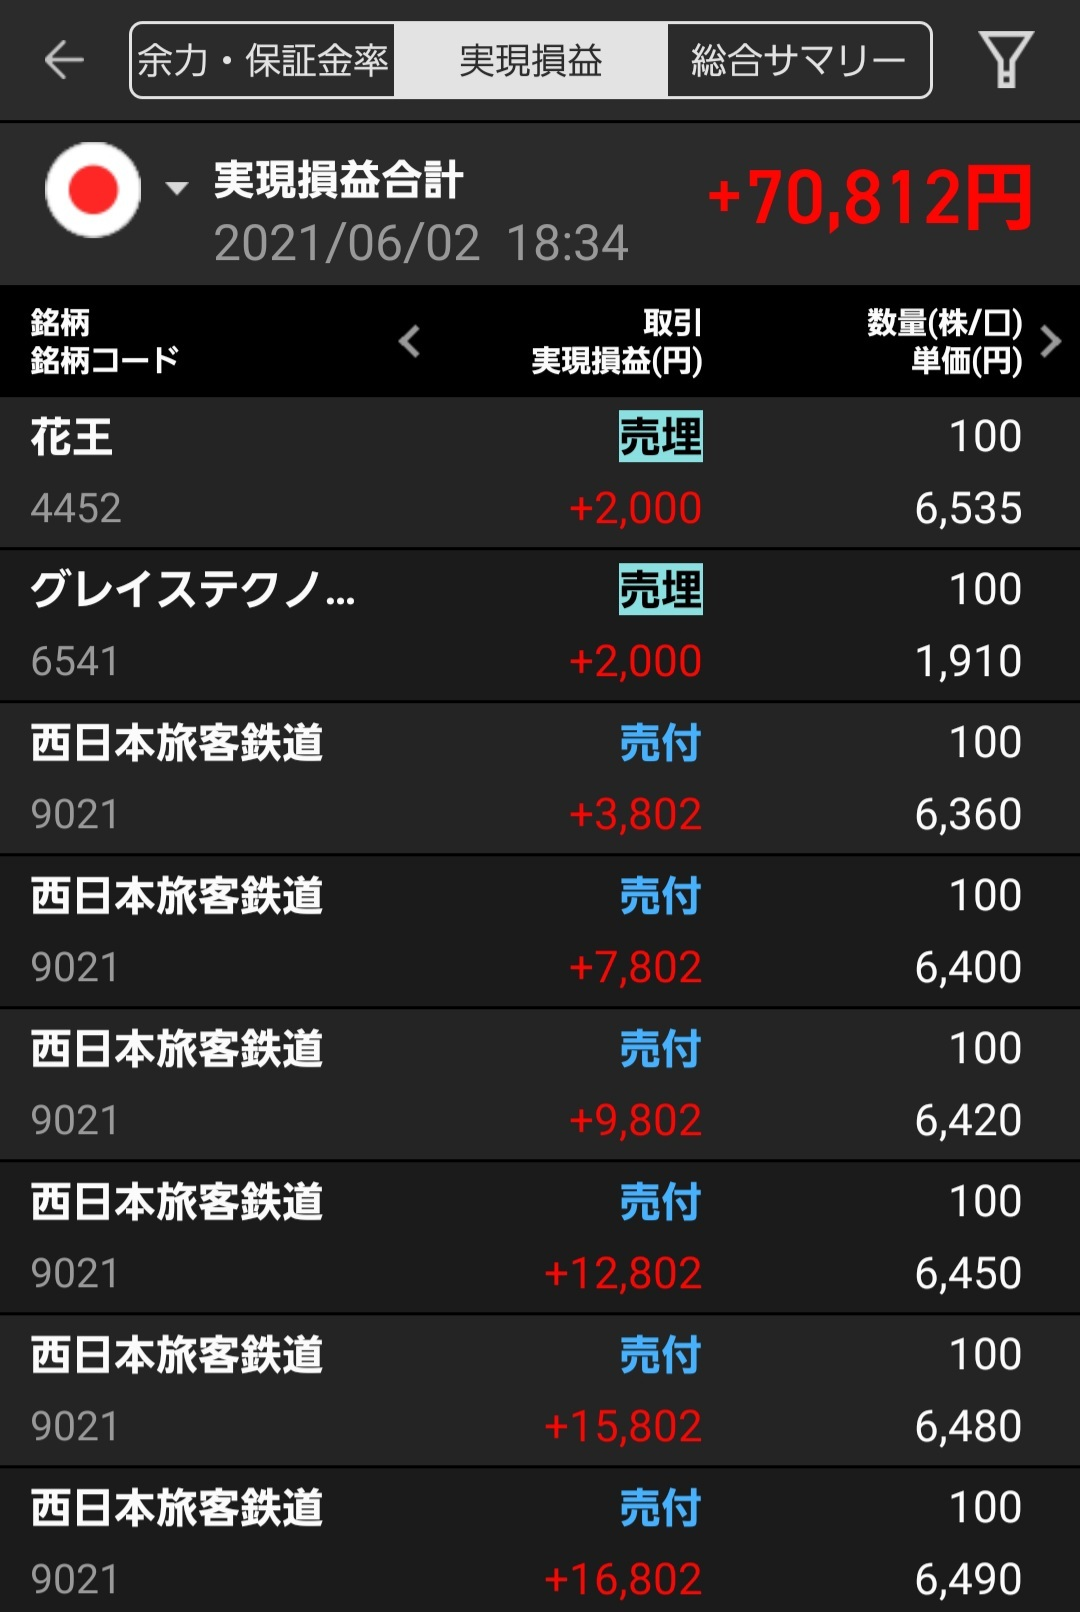 6月の株目標あっさり達成!!(゜ロ゜ノ)ノ&通販生活俳句『落花』_f0395324_13043725.jpg